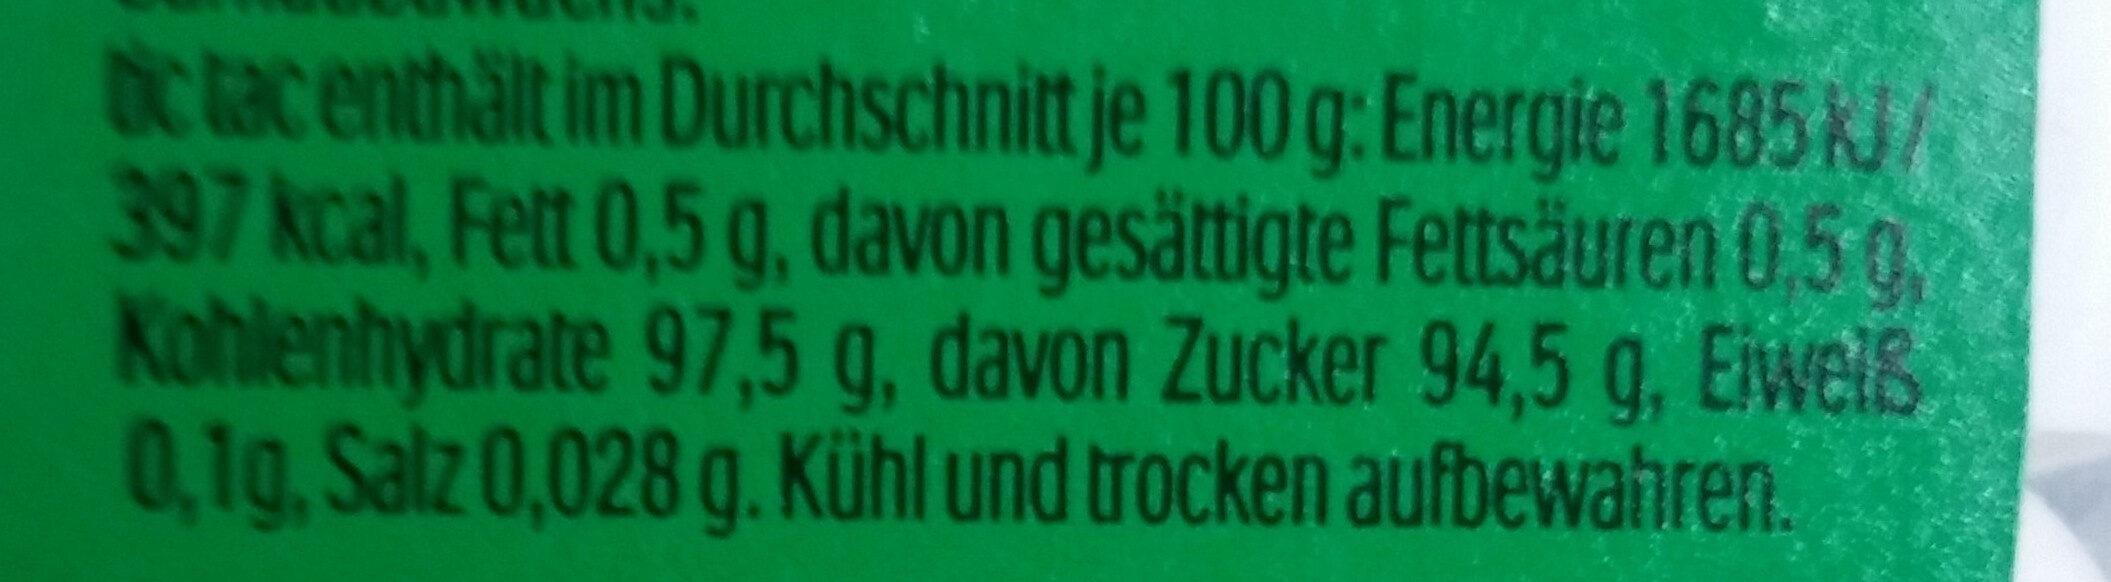 Tic Tac mint - Voedingswaarden - de